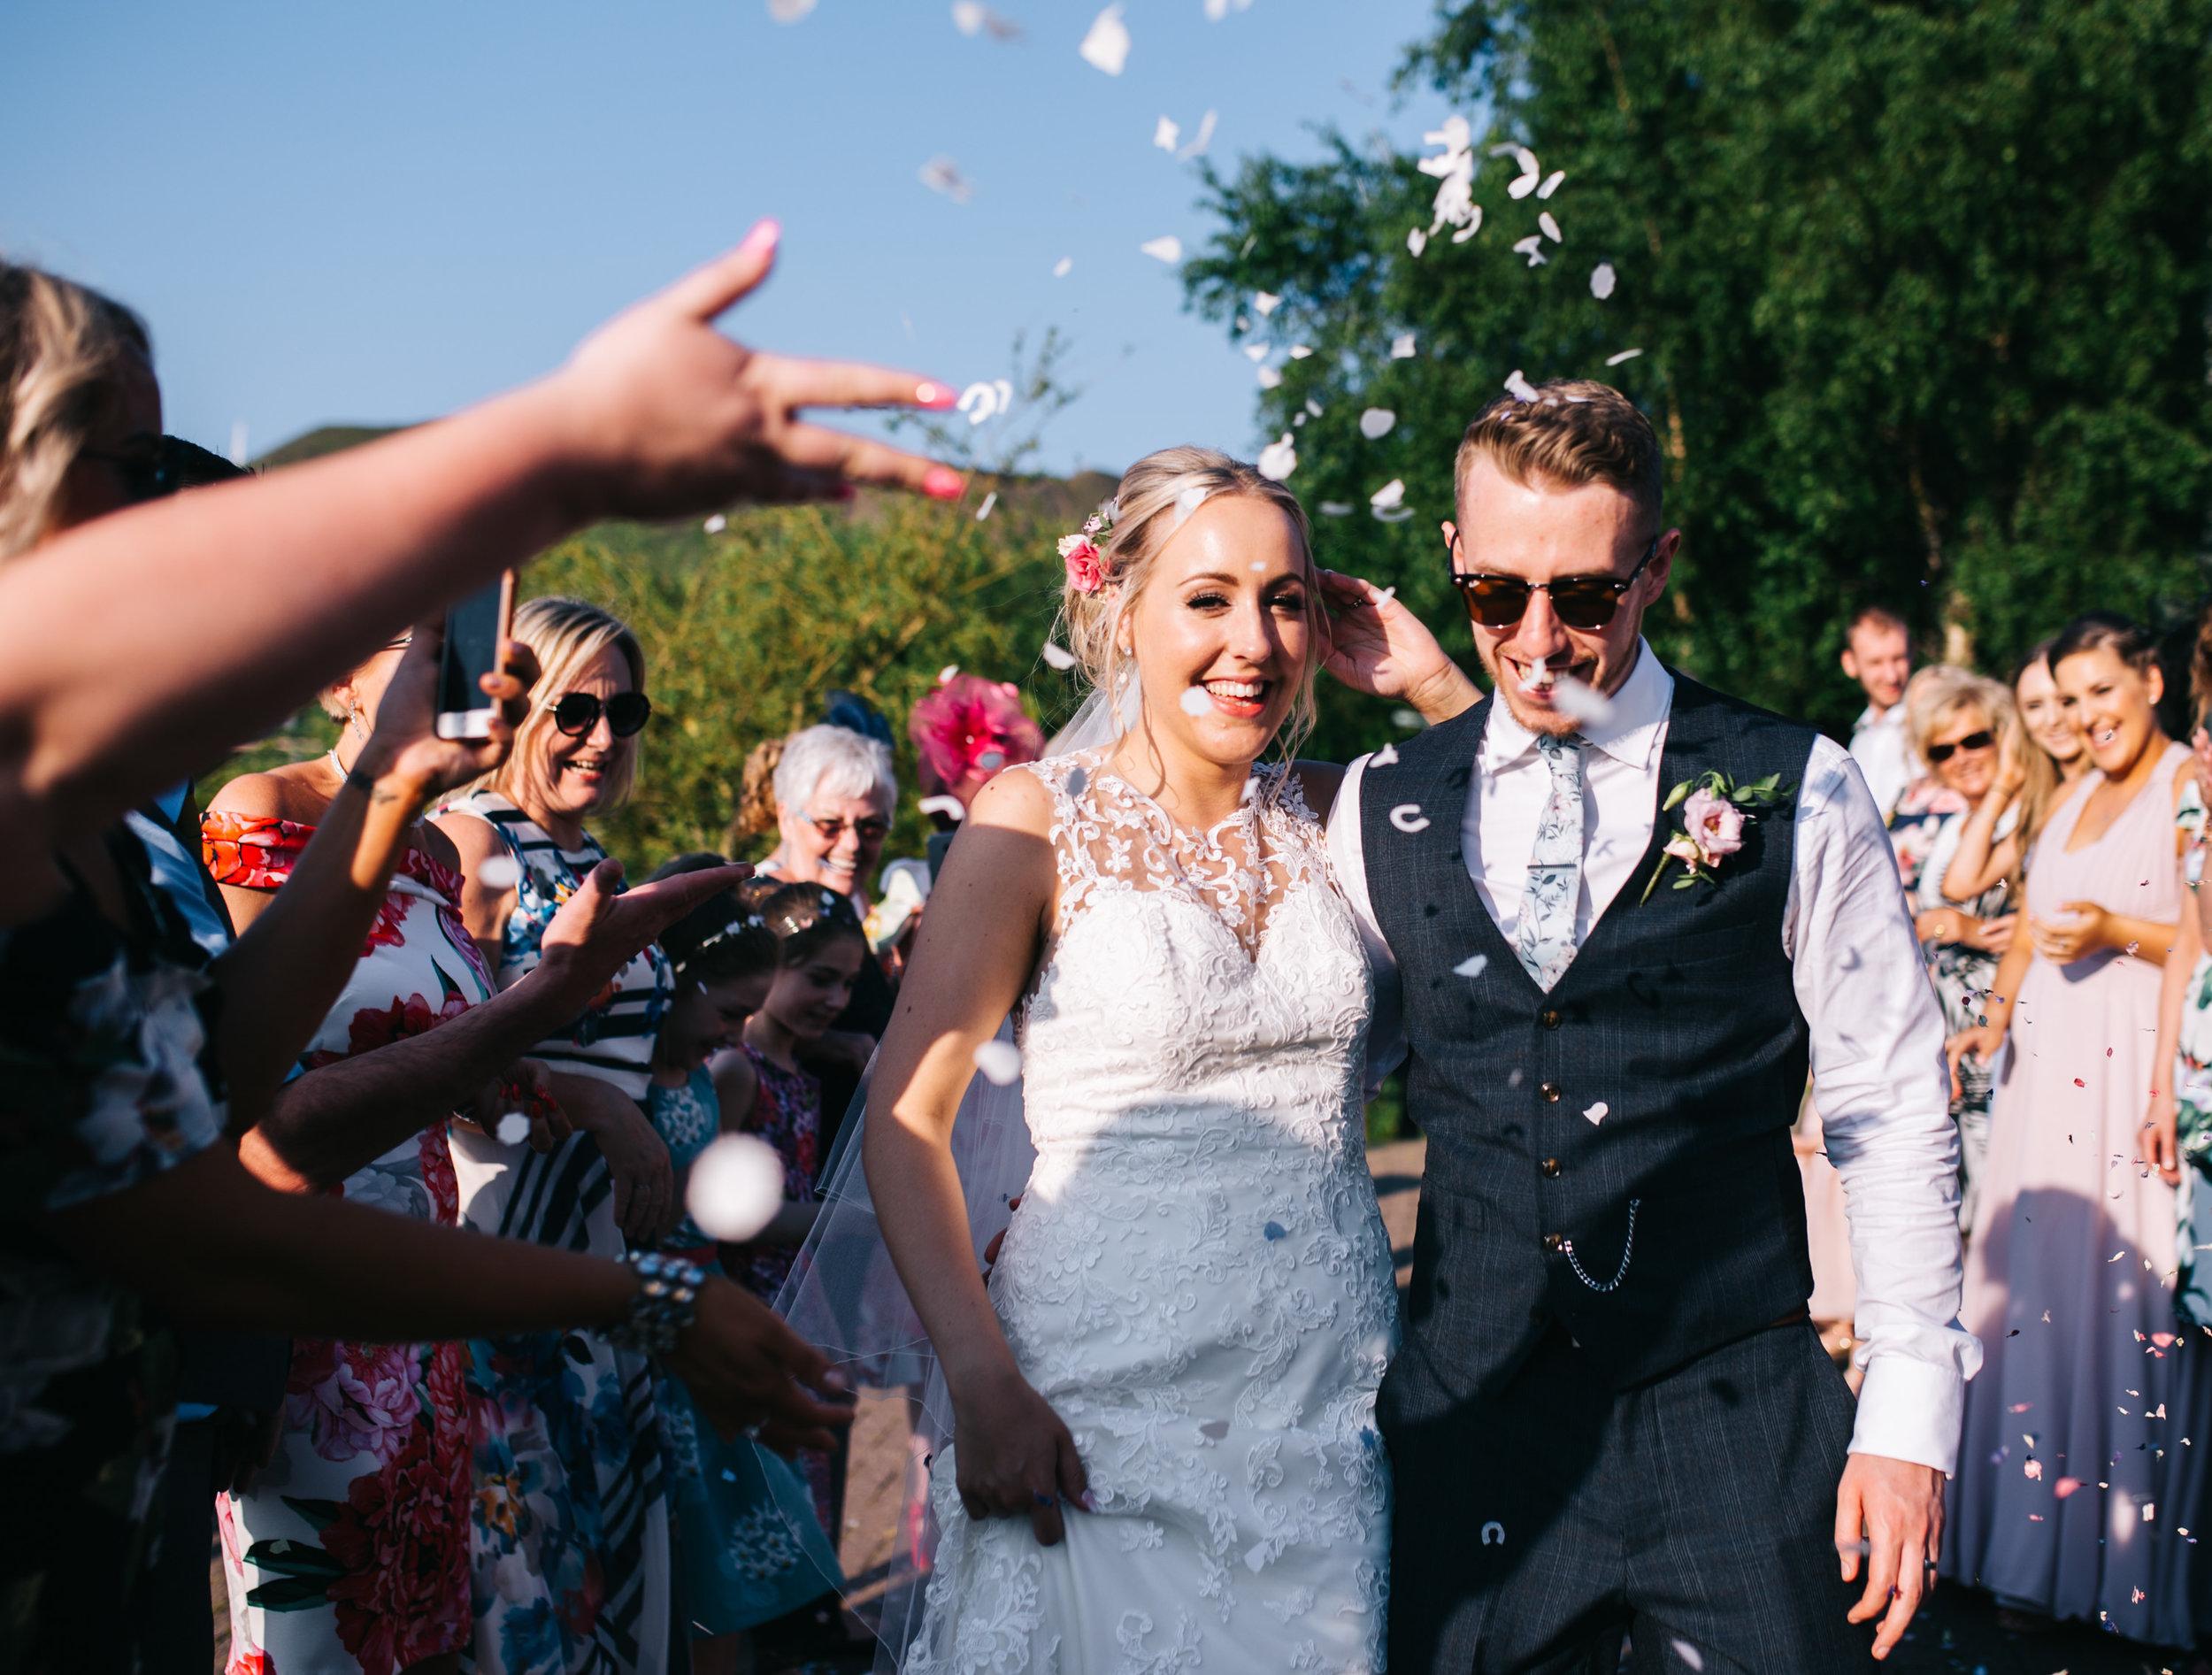 smiling bride - Confetti